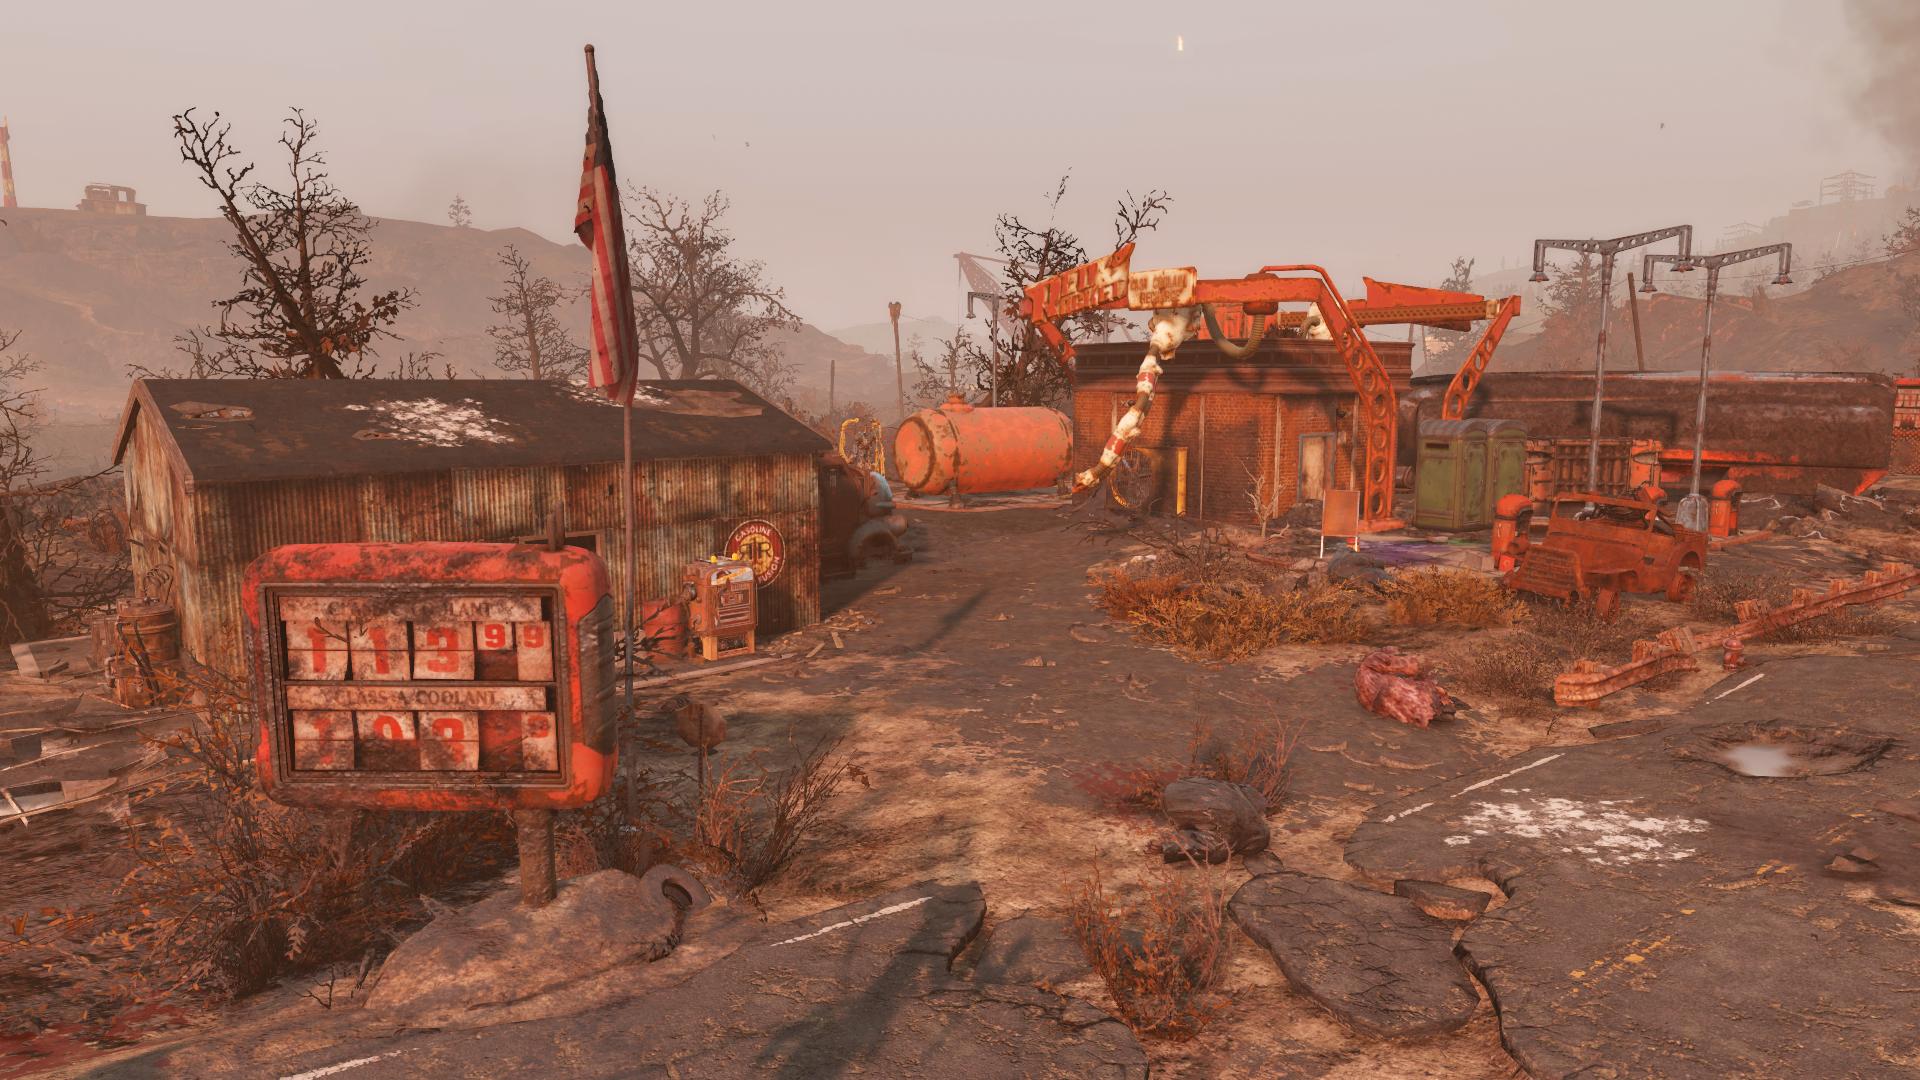 Red Rocket filling station